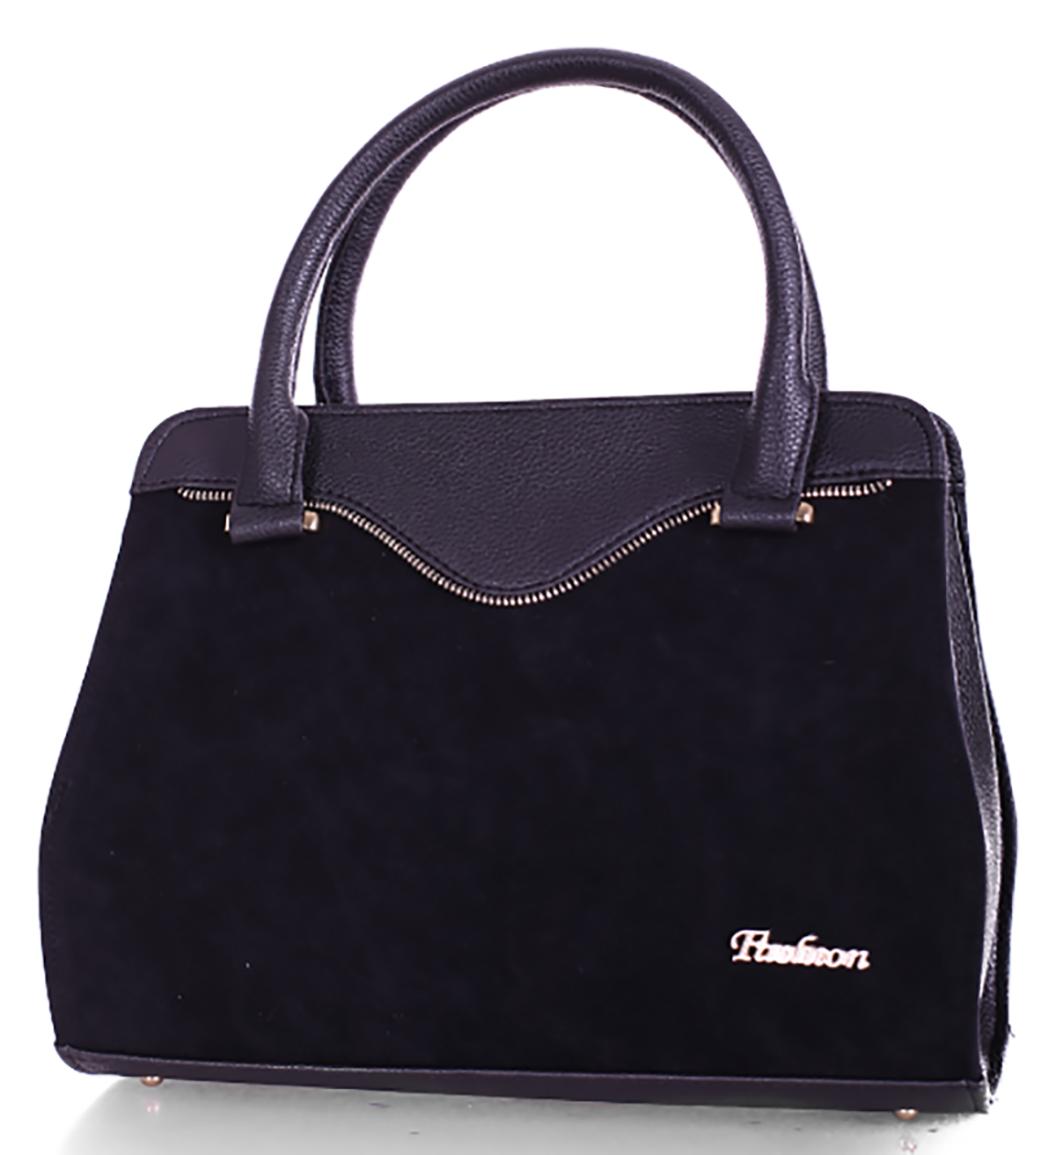 9fe37975a77a L-S Сумка черная мат замш стильная нарядная женская - Женские сумки оптом и  в розницу купить